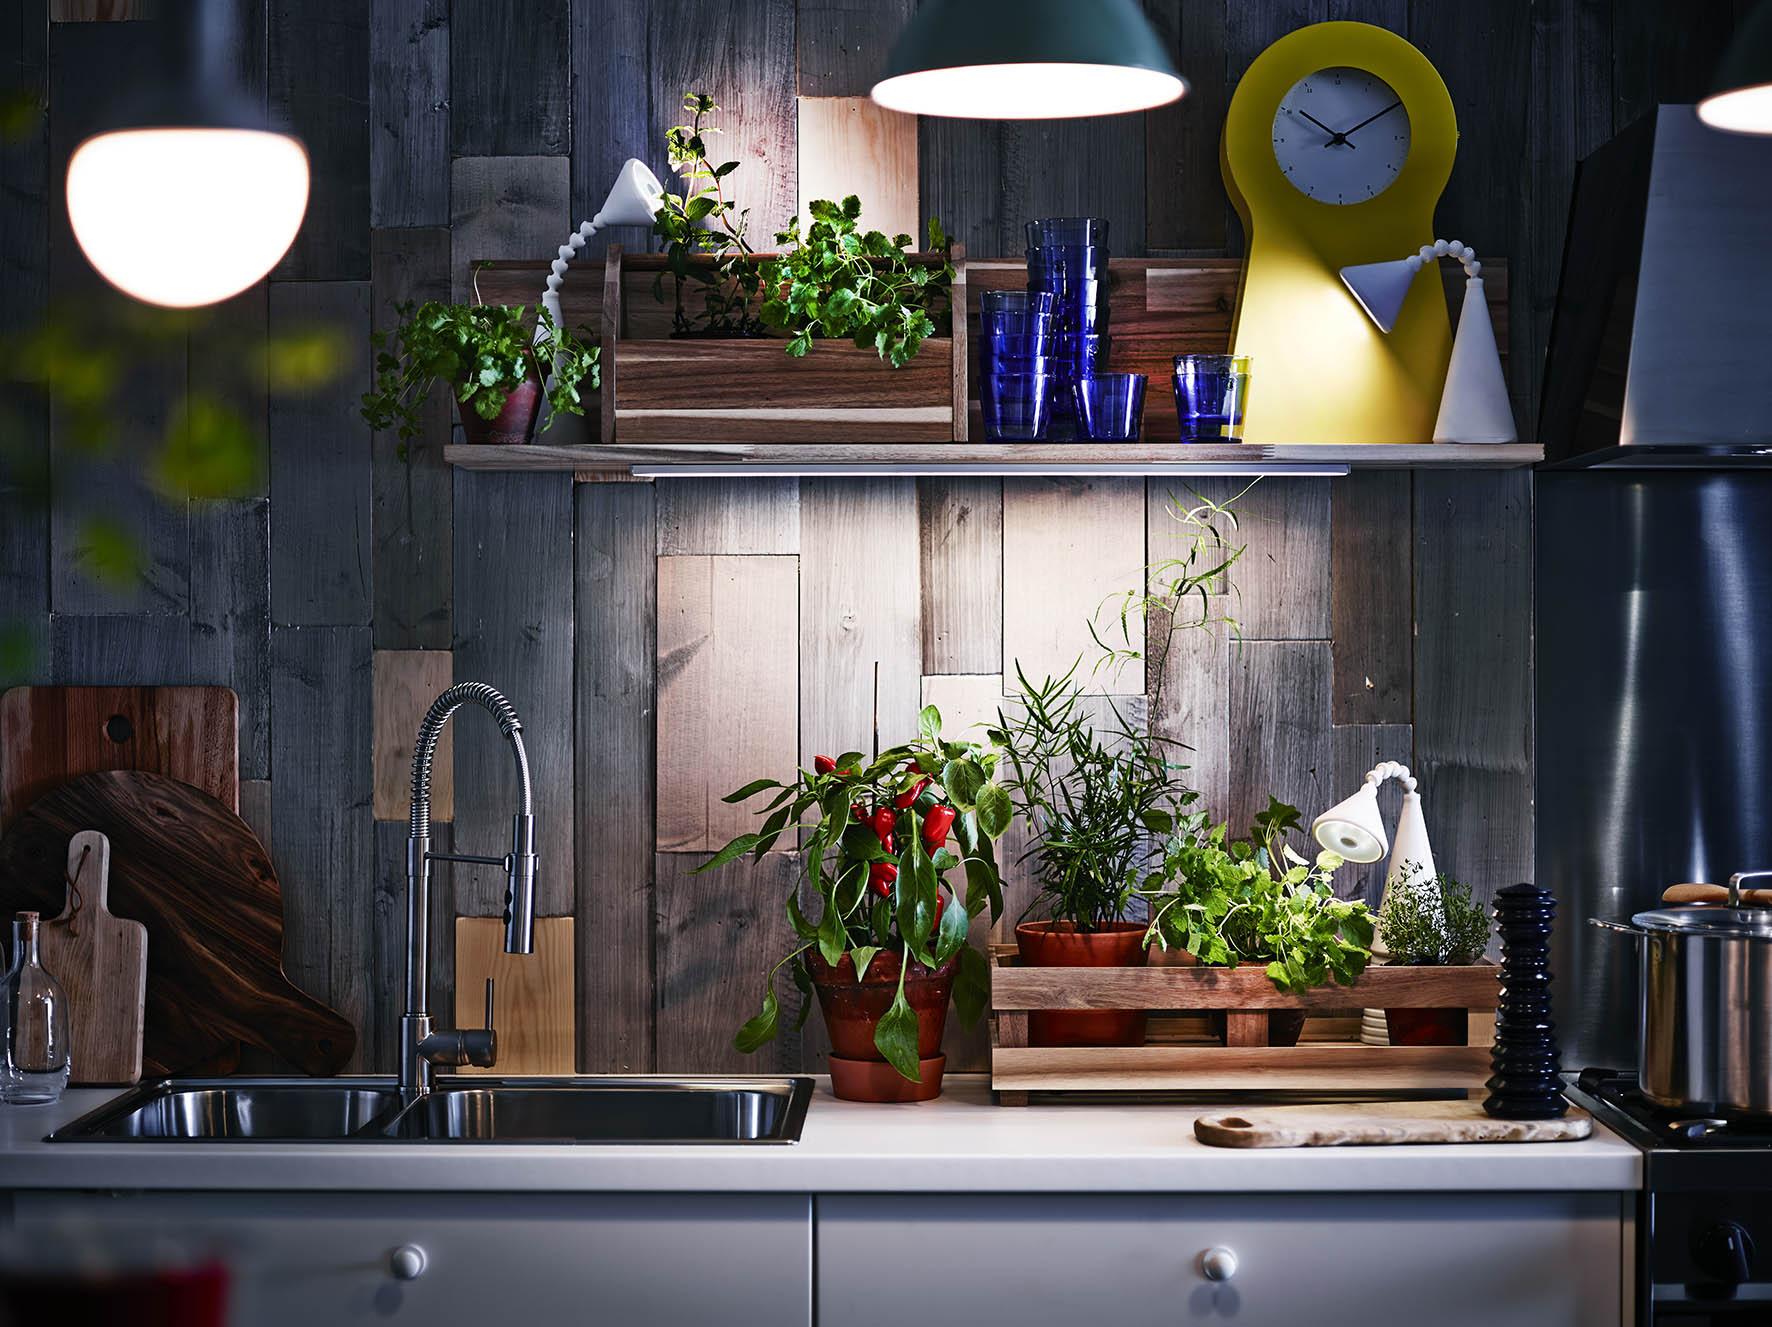 Keukenlampen Led : Keuken Lampen Ikea : IKEA schakelt over op verkoop milieuvriendelijke